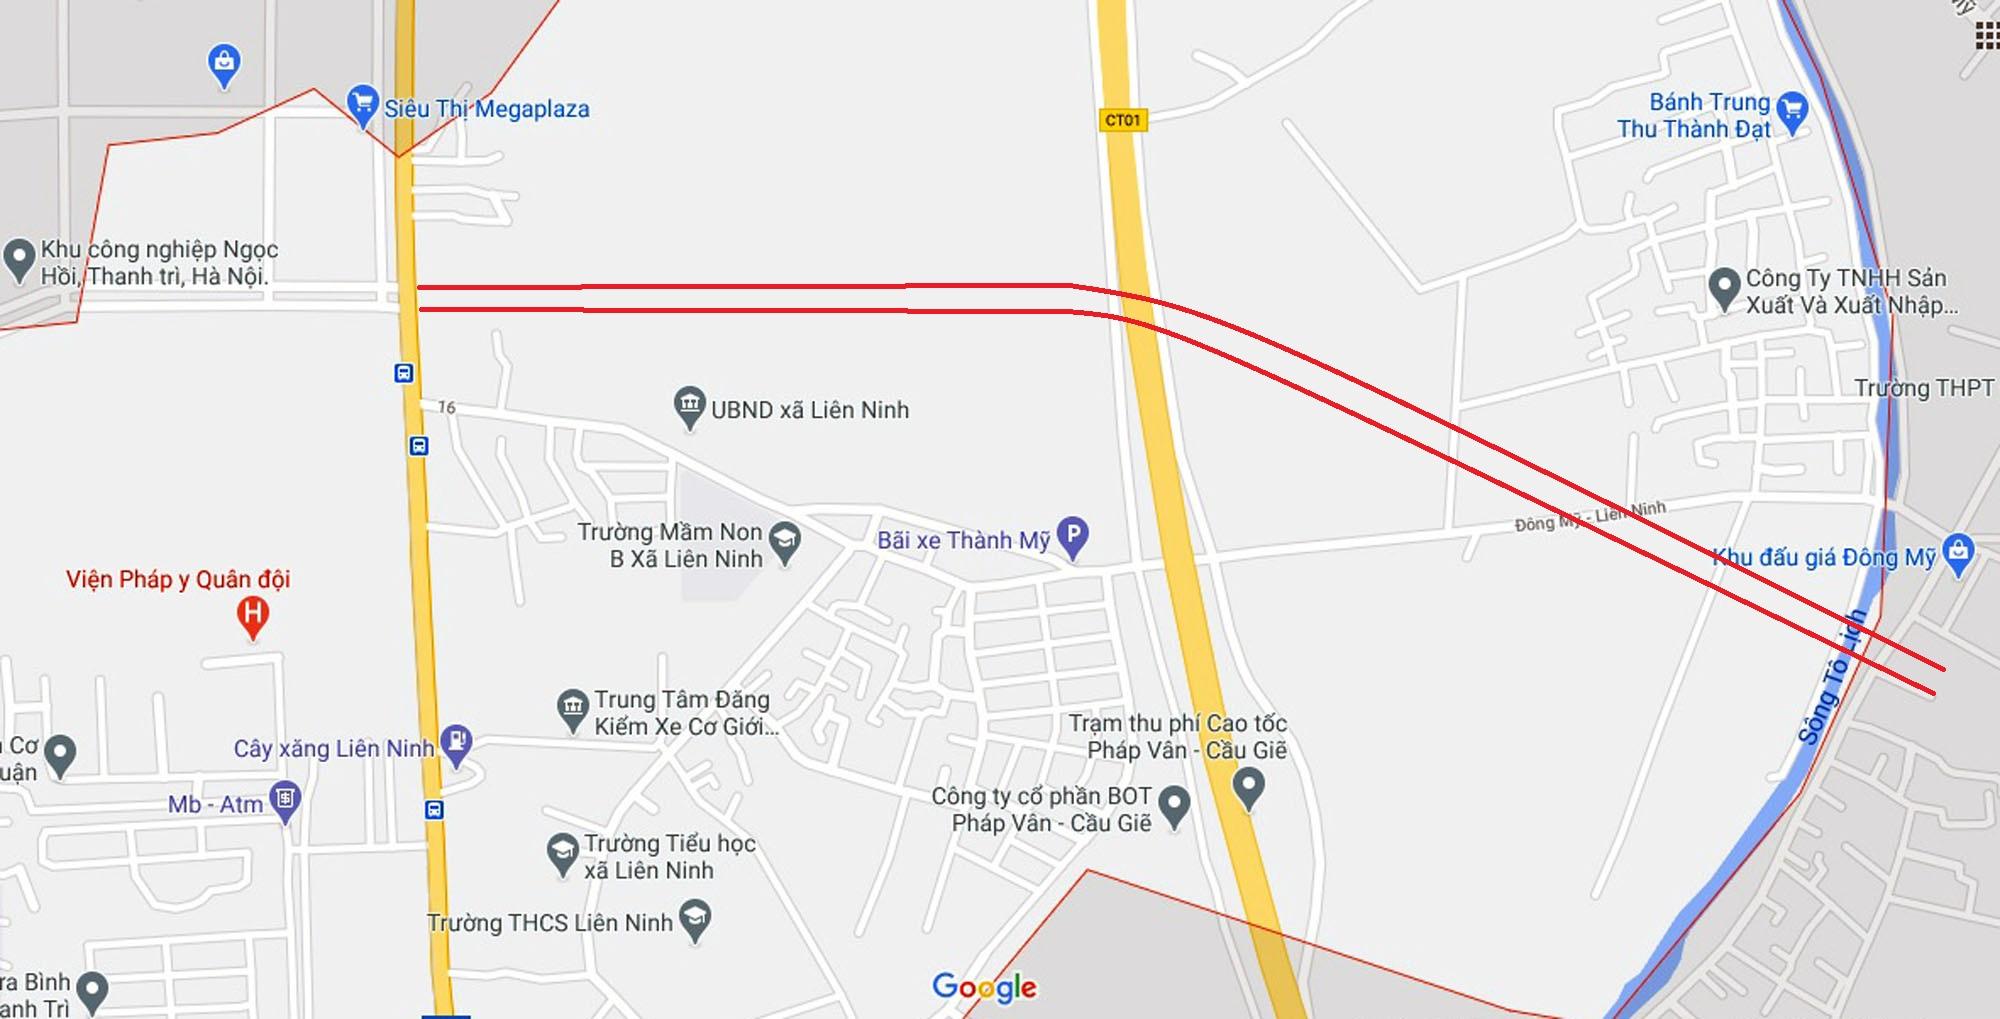 Ba đường sẽ mở theo quy hoạch ở xã Liên Ninh, Thanh Trì, Hà Nội - Ảnh 2.